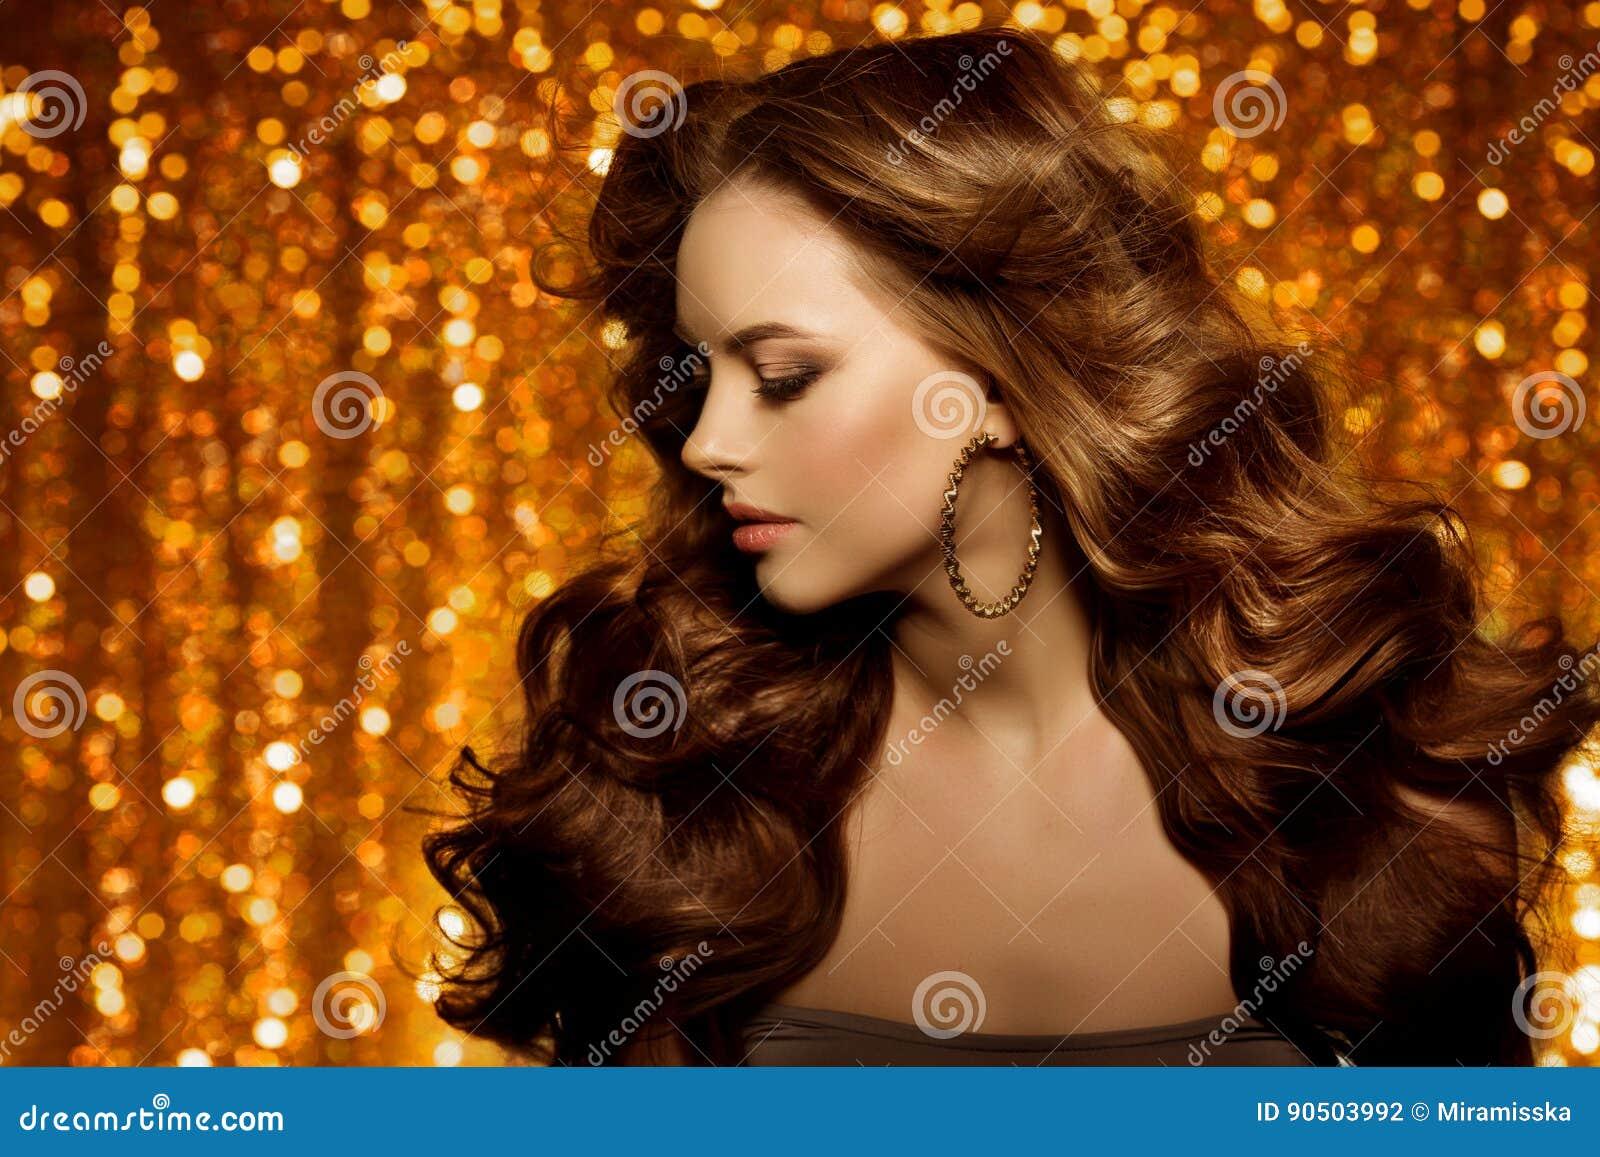 Mulher bonita dourada da forma, modelo com v longo saudável brilhante